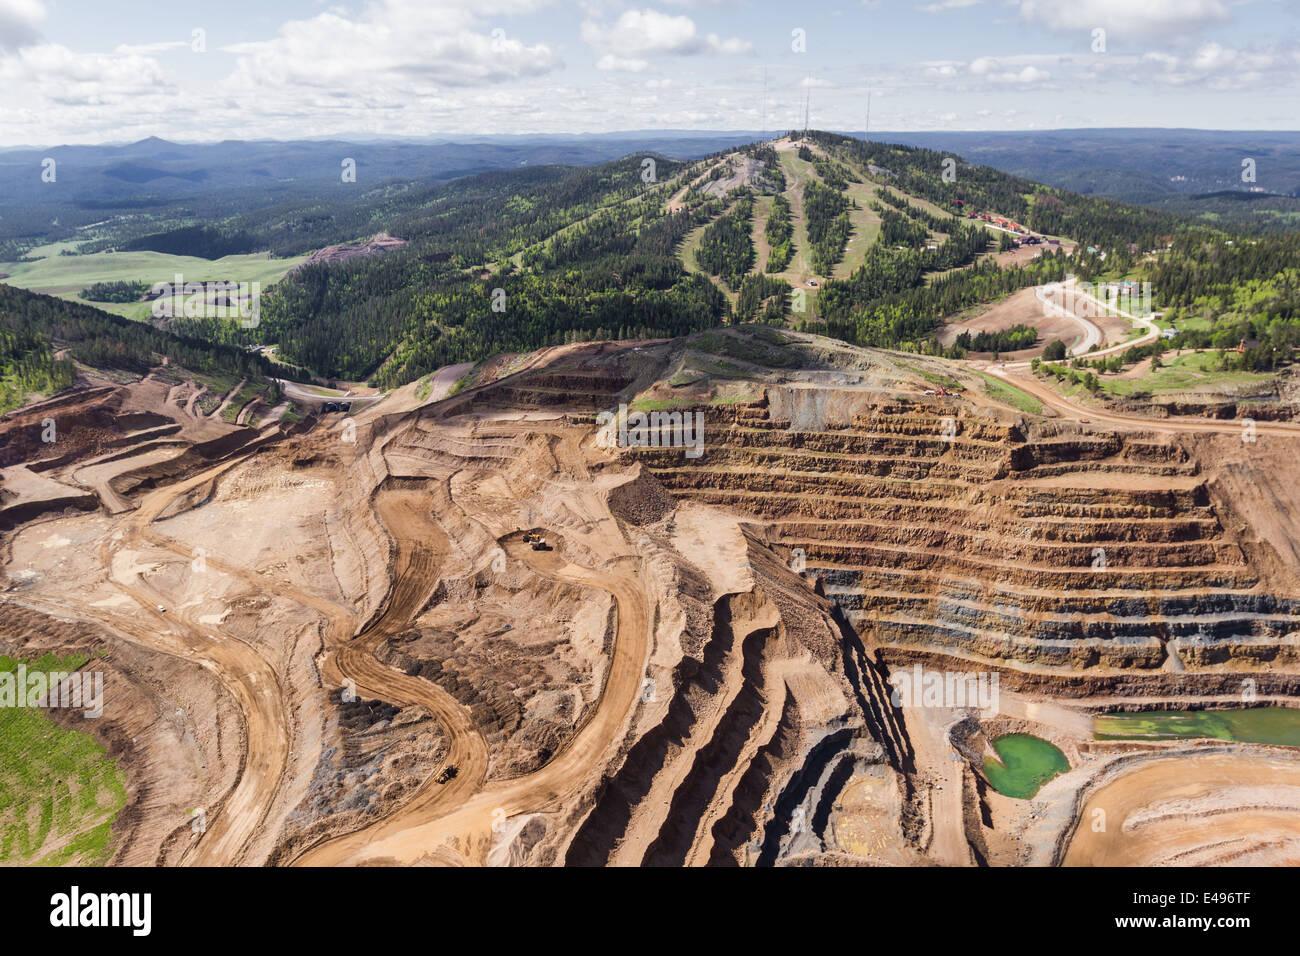 Vue aérienne d'une mine à ciel ouvert dans le Dakota du Sud Photo Stock